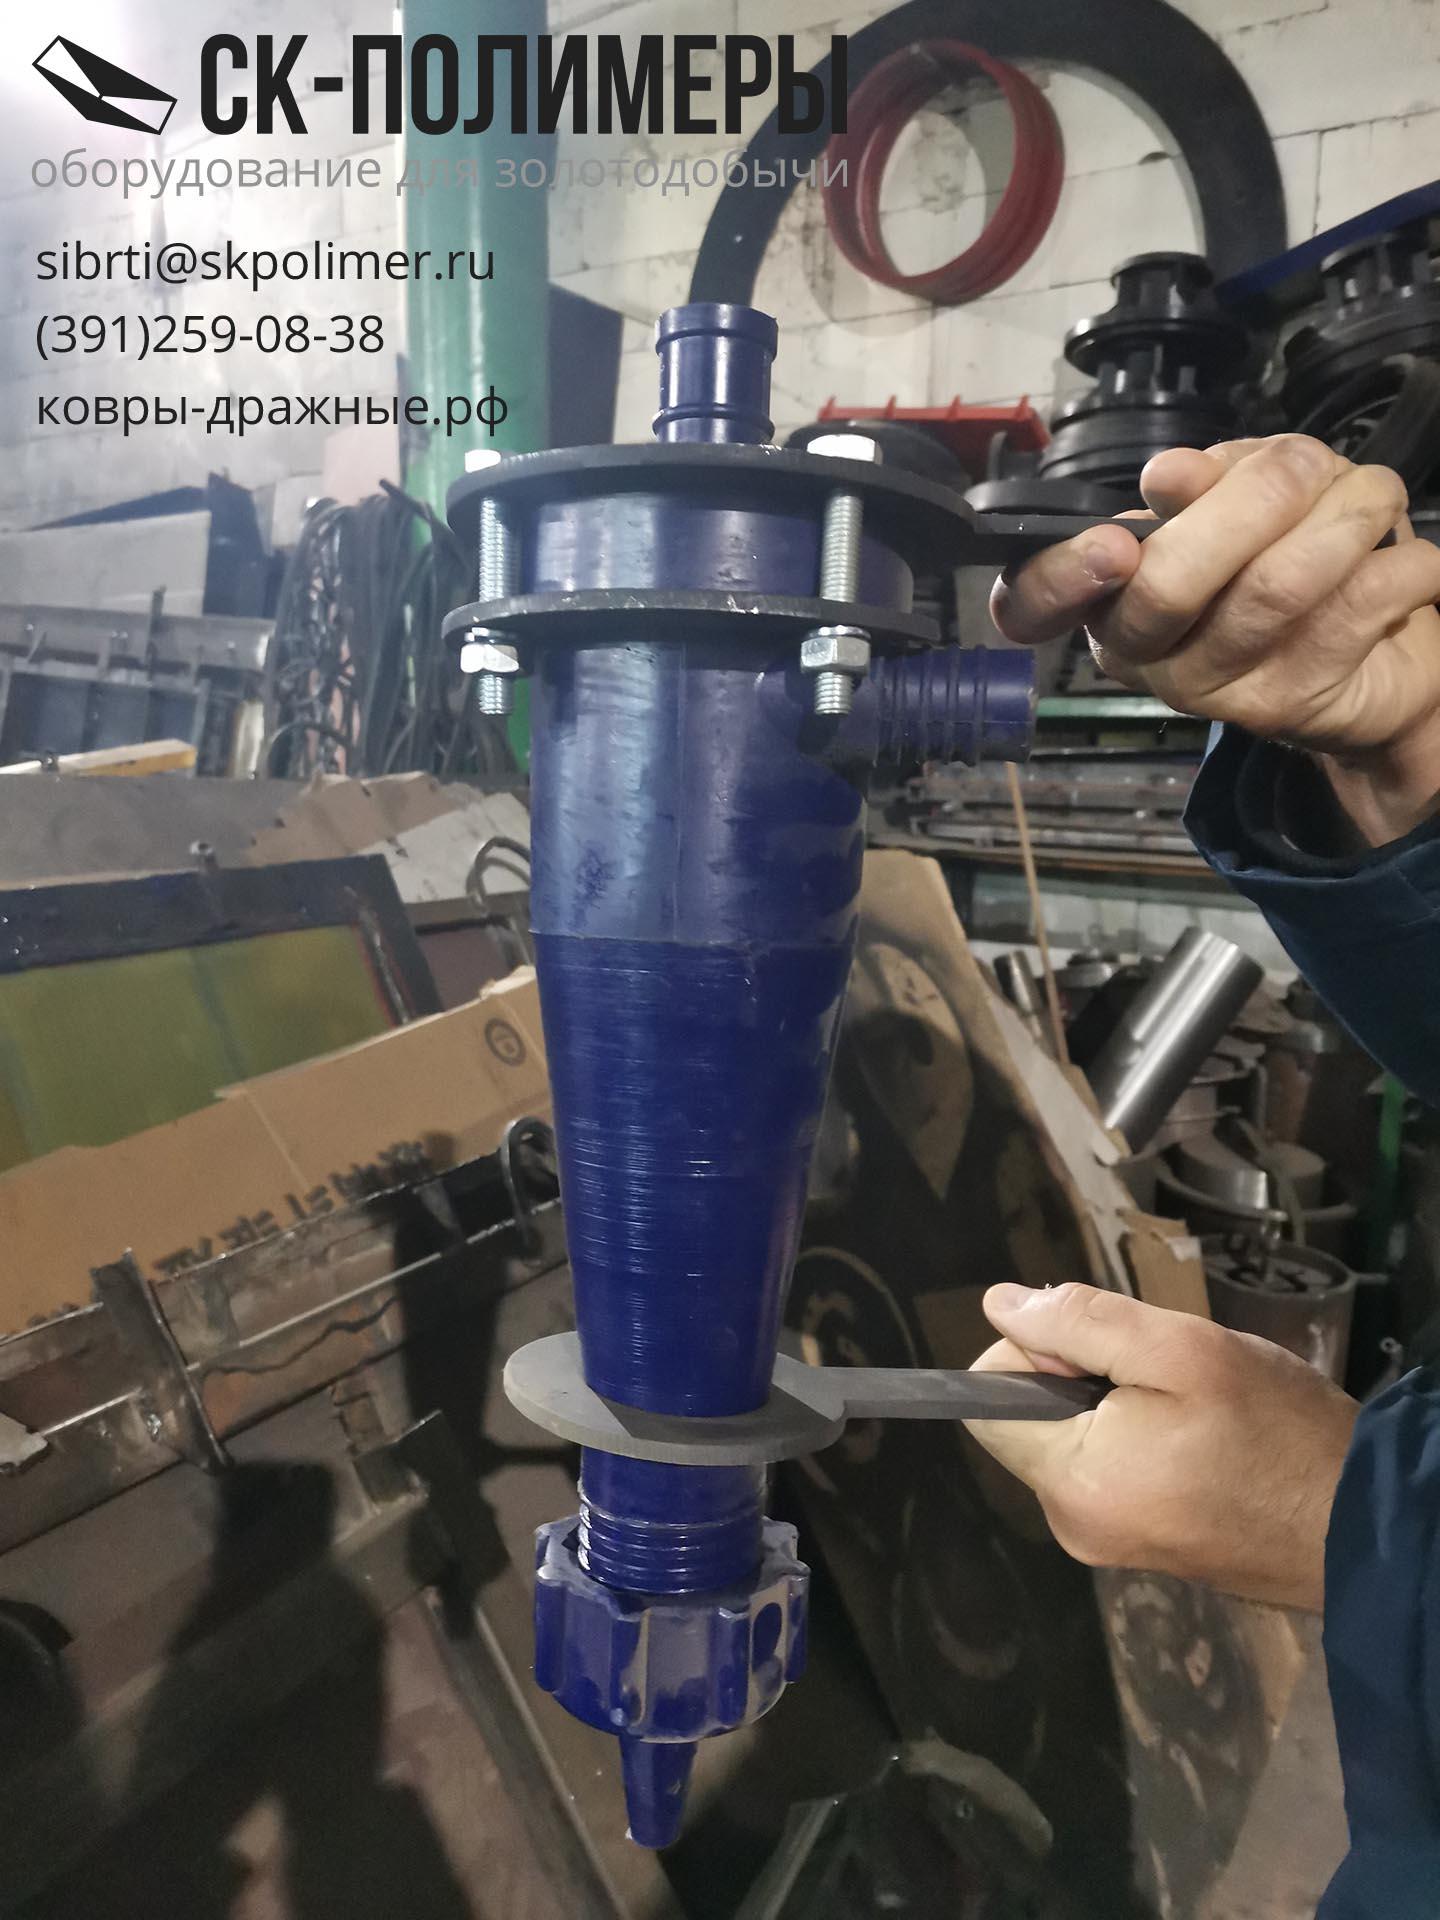 гидроциклоны производство